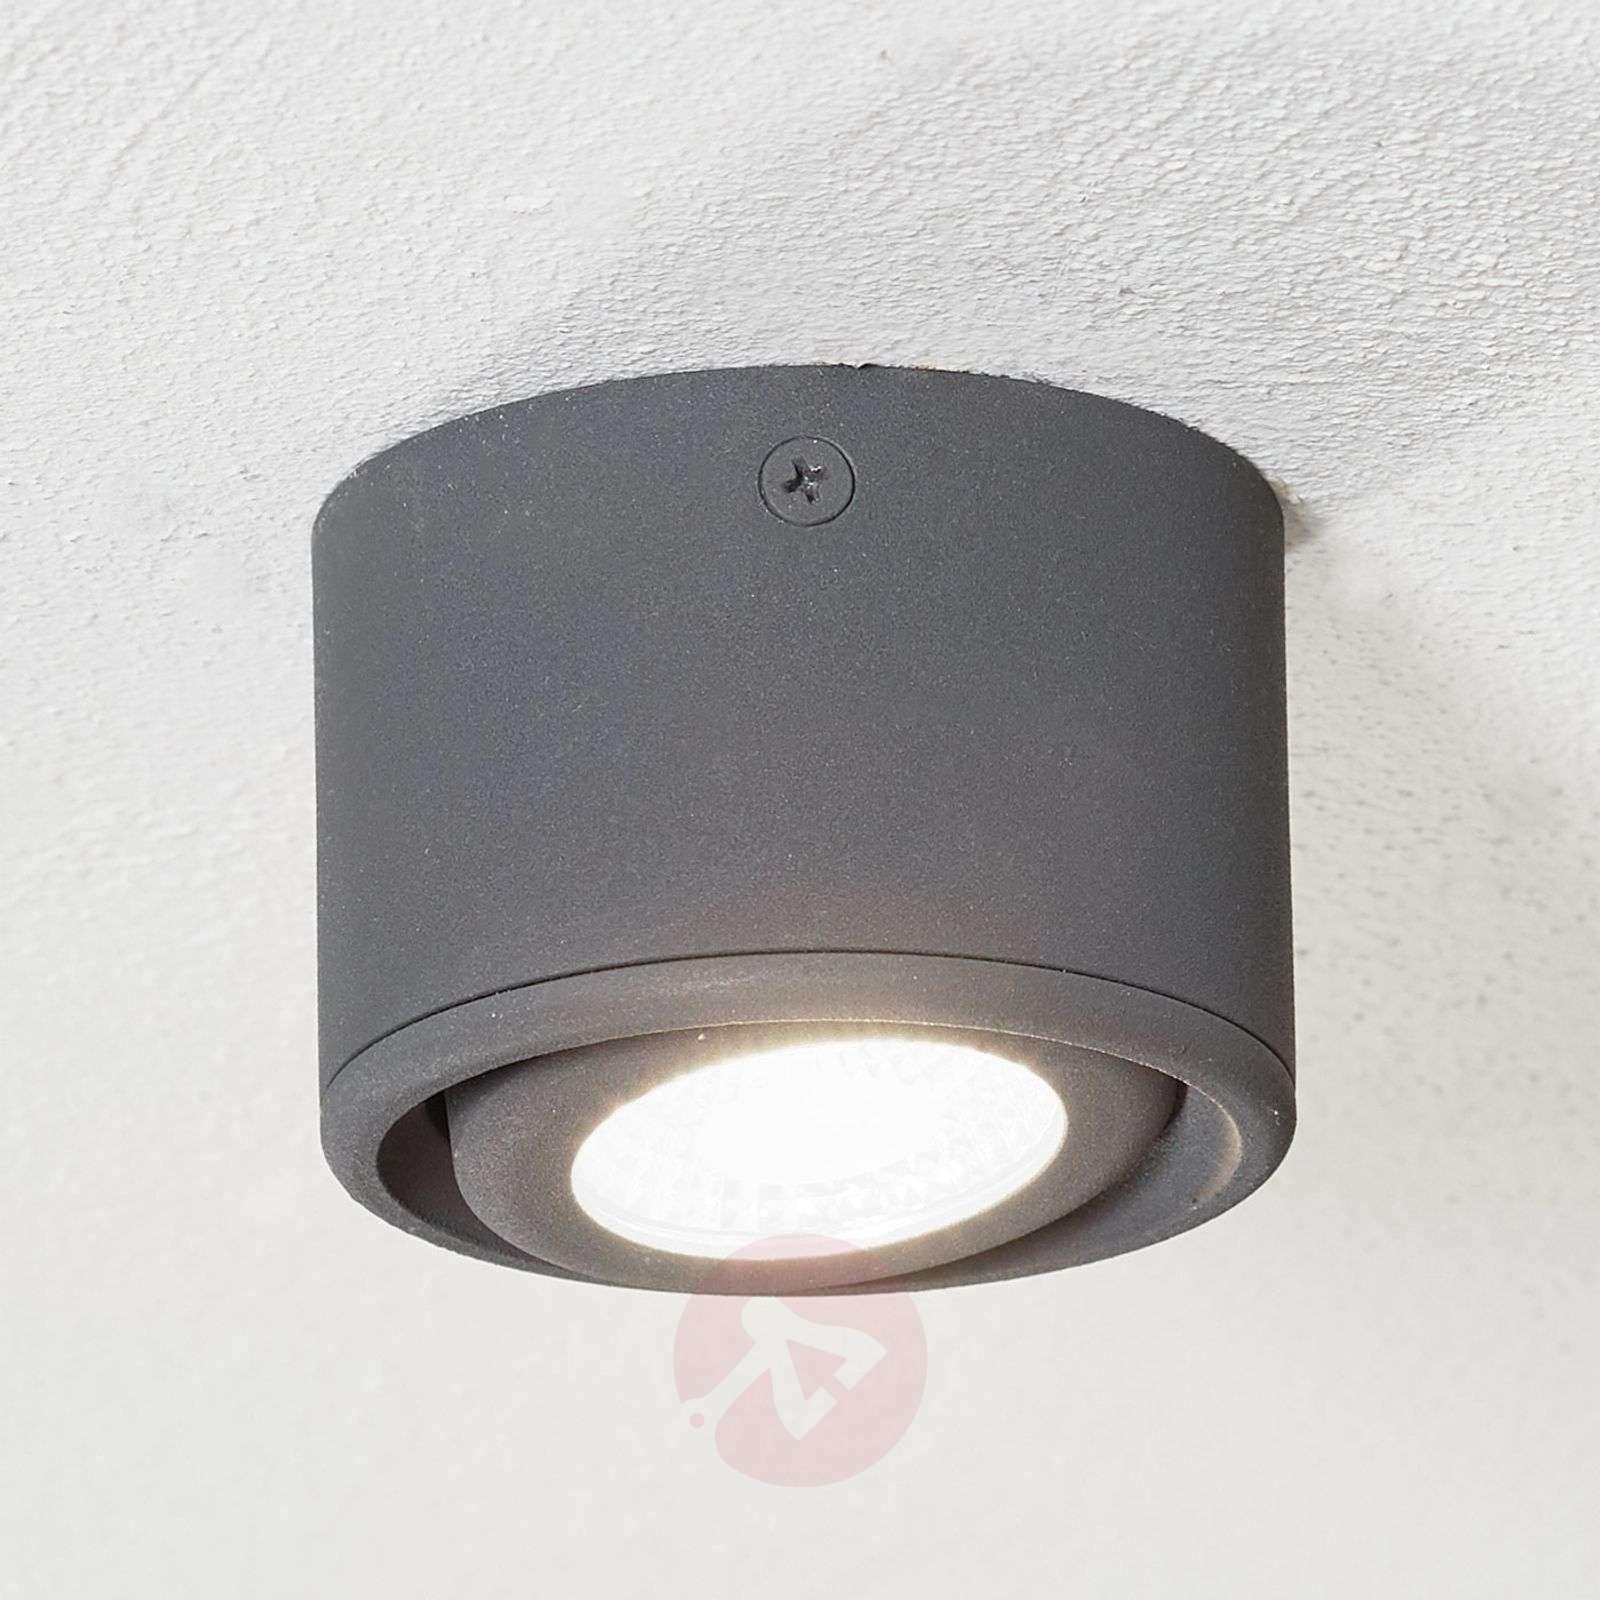 Käännettävä pää LED-alasvalo Anzio, antrasiitti-3502660-03